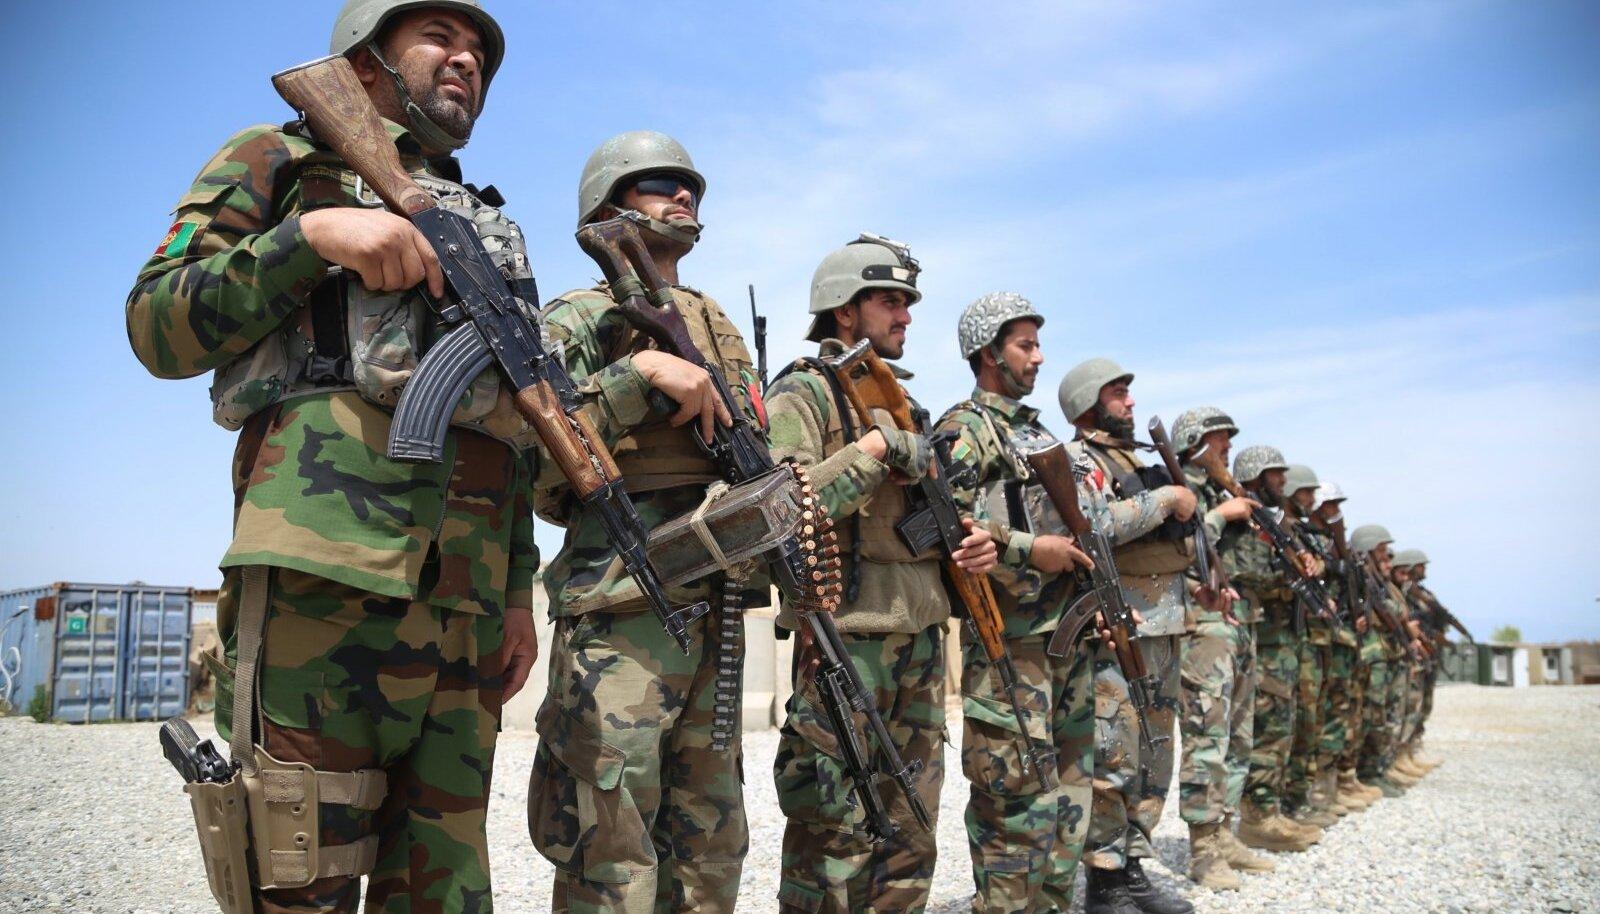 """Nangarharis anti täna Afganistani valitsusvägedele üle järjekordne USA baas. Ekspertide sõnul ei tõota """"rahuprotsess"""" aga valitsusele midagi head."""